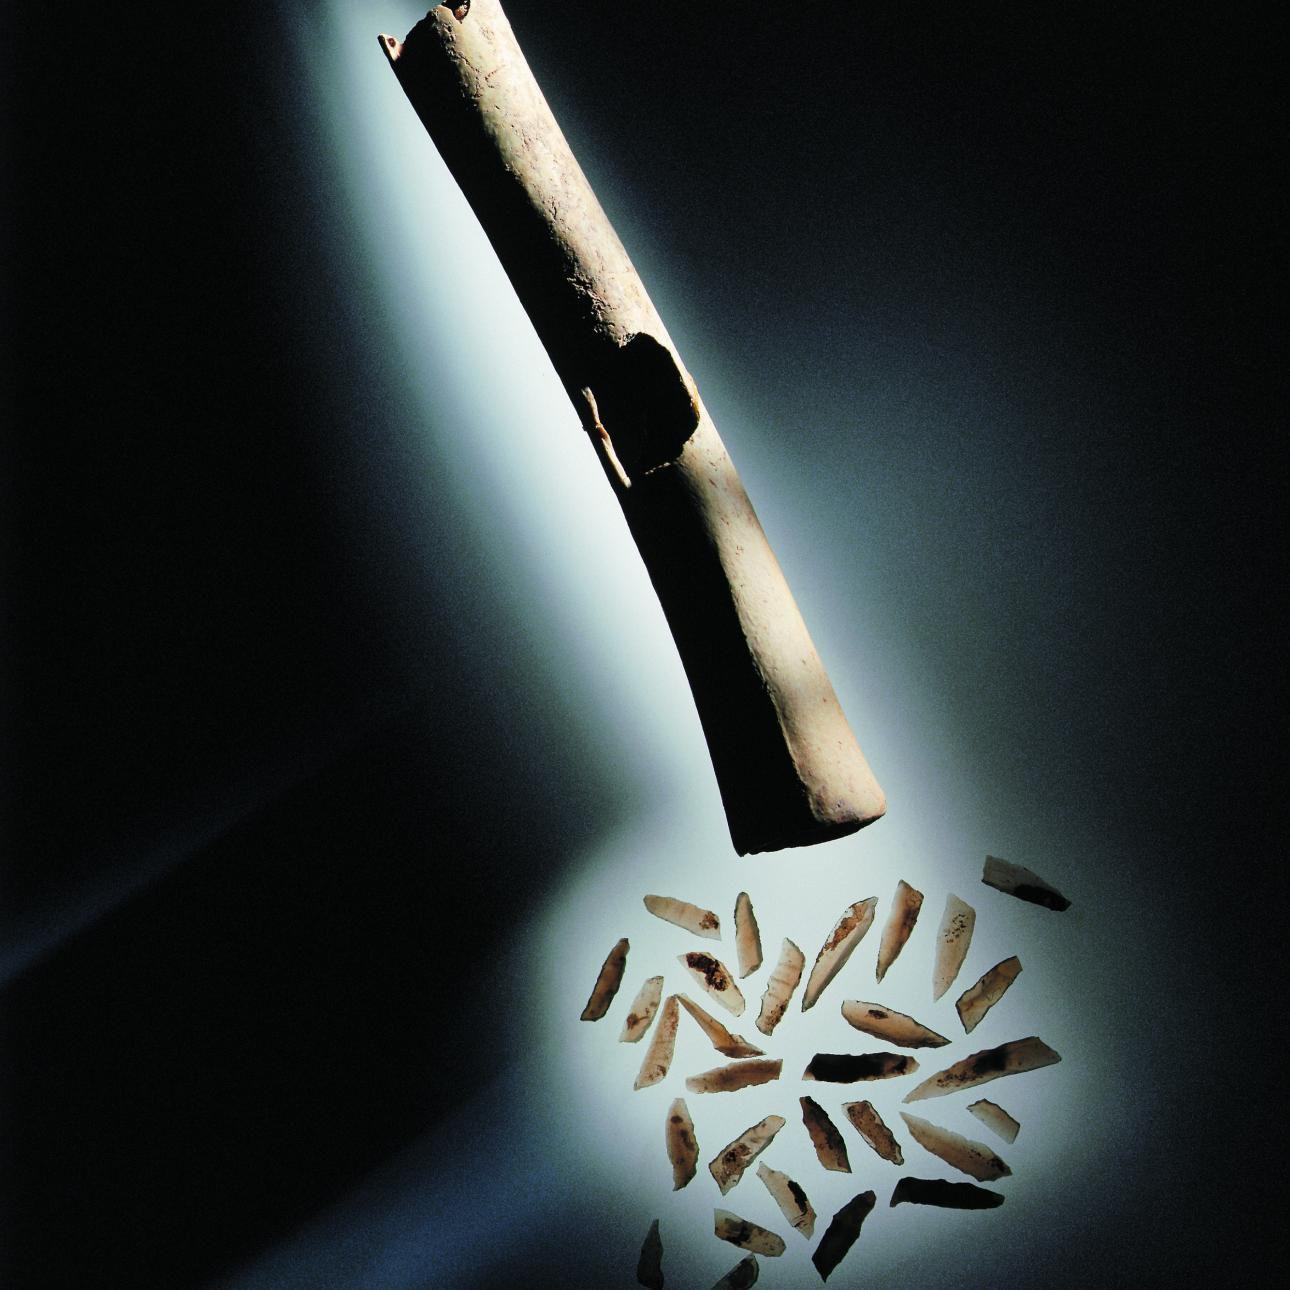 29 Mikrolithen und 2 mikrolithische Abschläge lagen in einem hohlen Kranich-Langknochen, der als Behälter gedient hat und eine seitliche Öffnung aufweist. Mikrolithen sind kleinste, hoch präzise gerabeitete Geräte und Waffenteile aus Feuerstein (Silex). © Landesamt für Denkmalpflege und Archäologie Sachsen-Anhalt, Juraj Lipták.